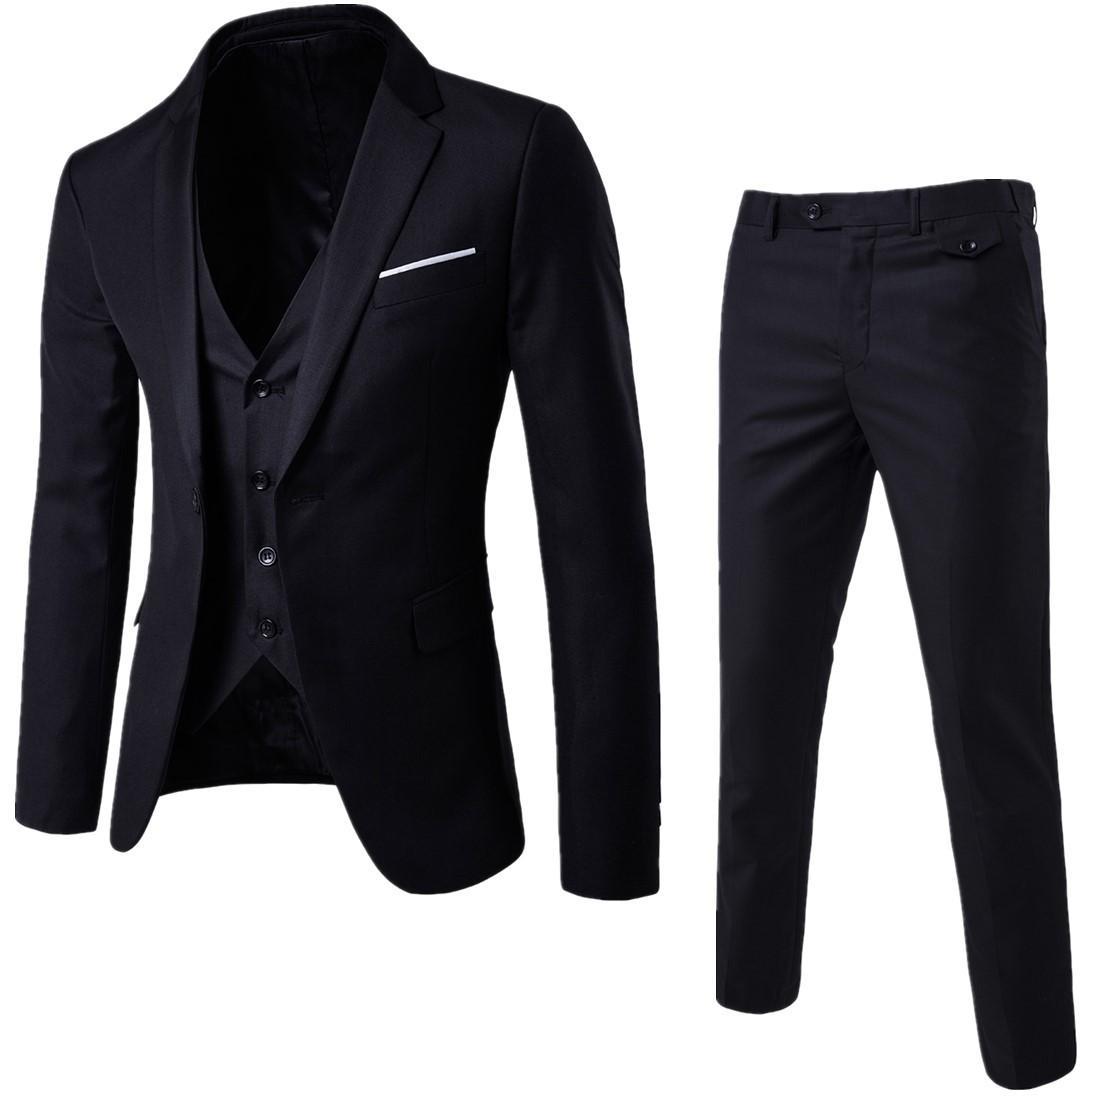 2019 primavera e in autunno di nuovo stile Set uomini del vestito vestito Three-piece Inghilterra Slim Fit Matrimonio vestito convenzionale 4-Color Large Size Set M